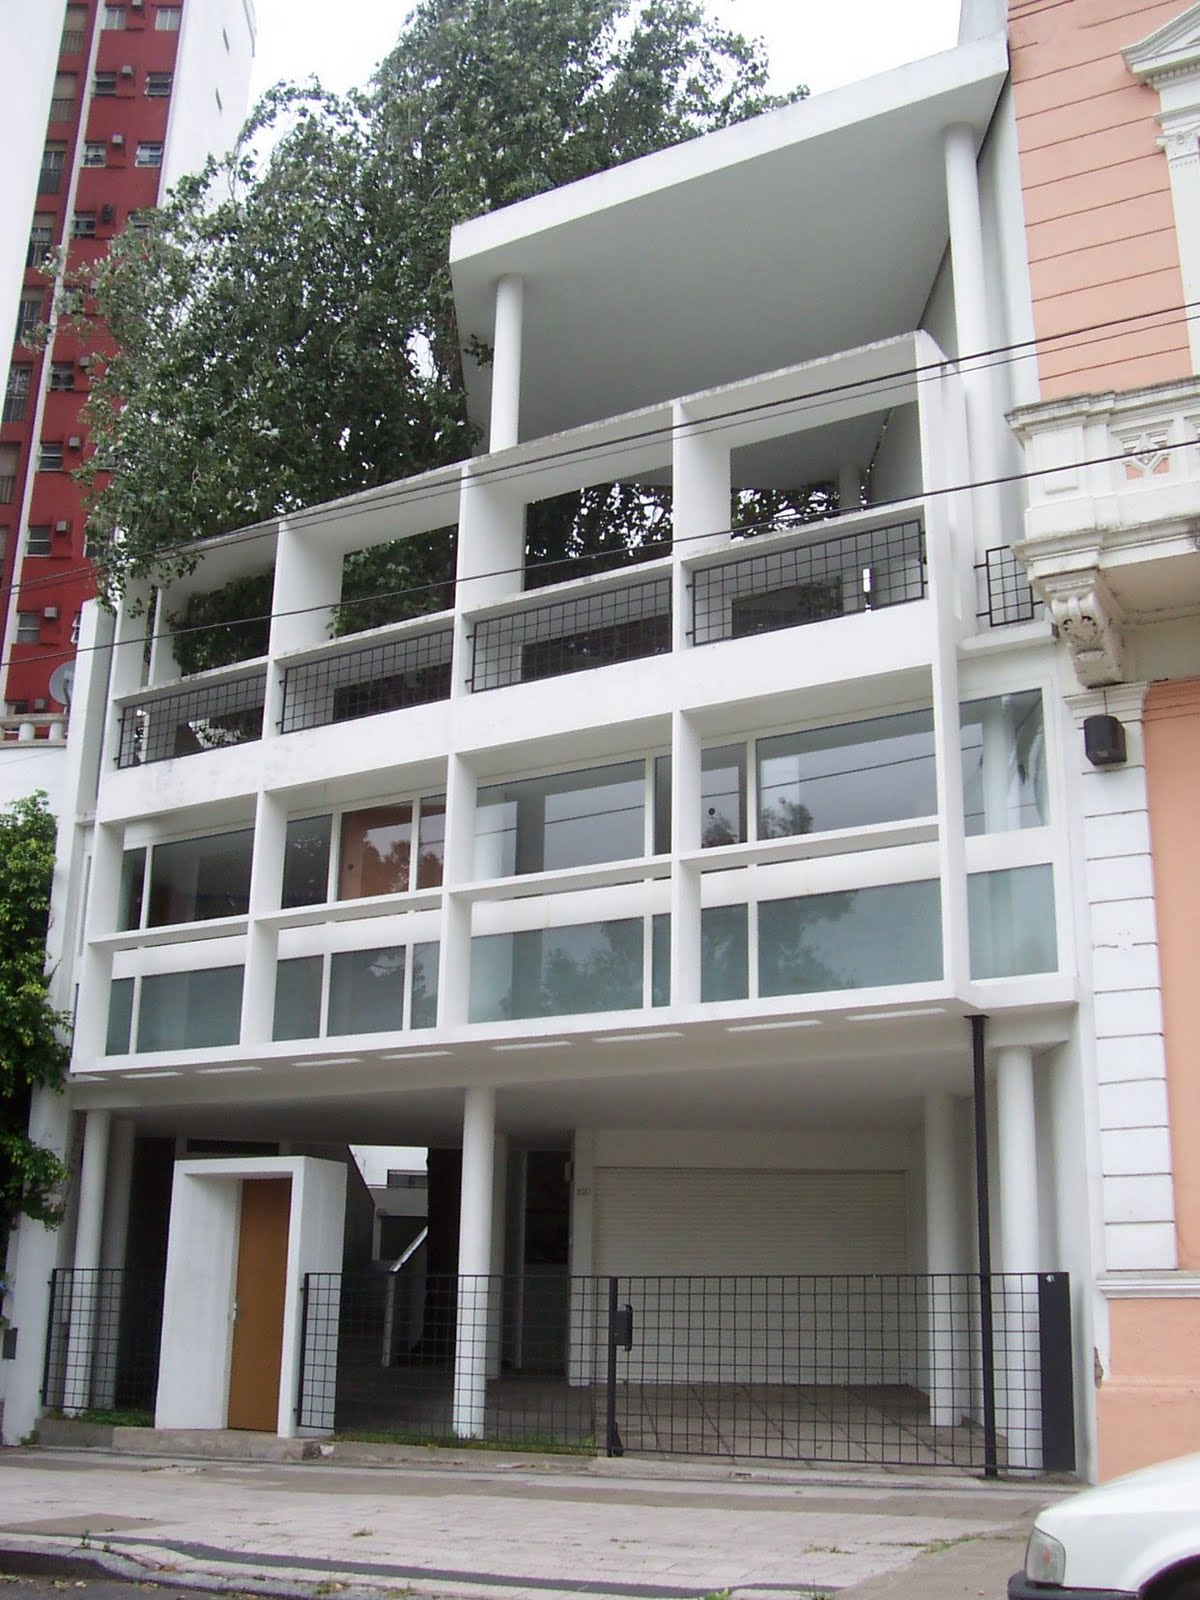 Casi arquitectos etsa trabajo le corbusier emilio bello - Arquitecto le corbusier ...